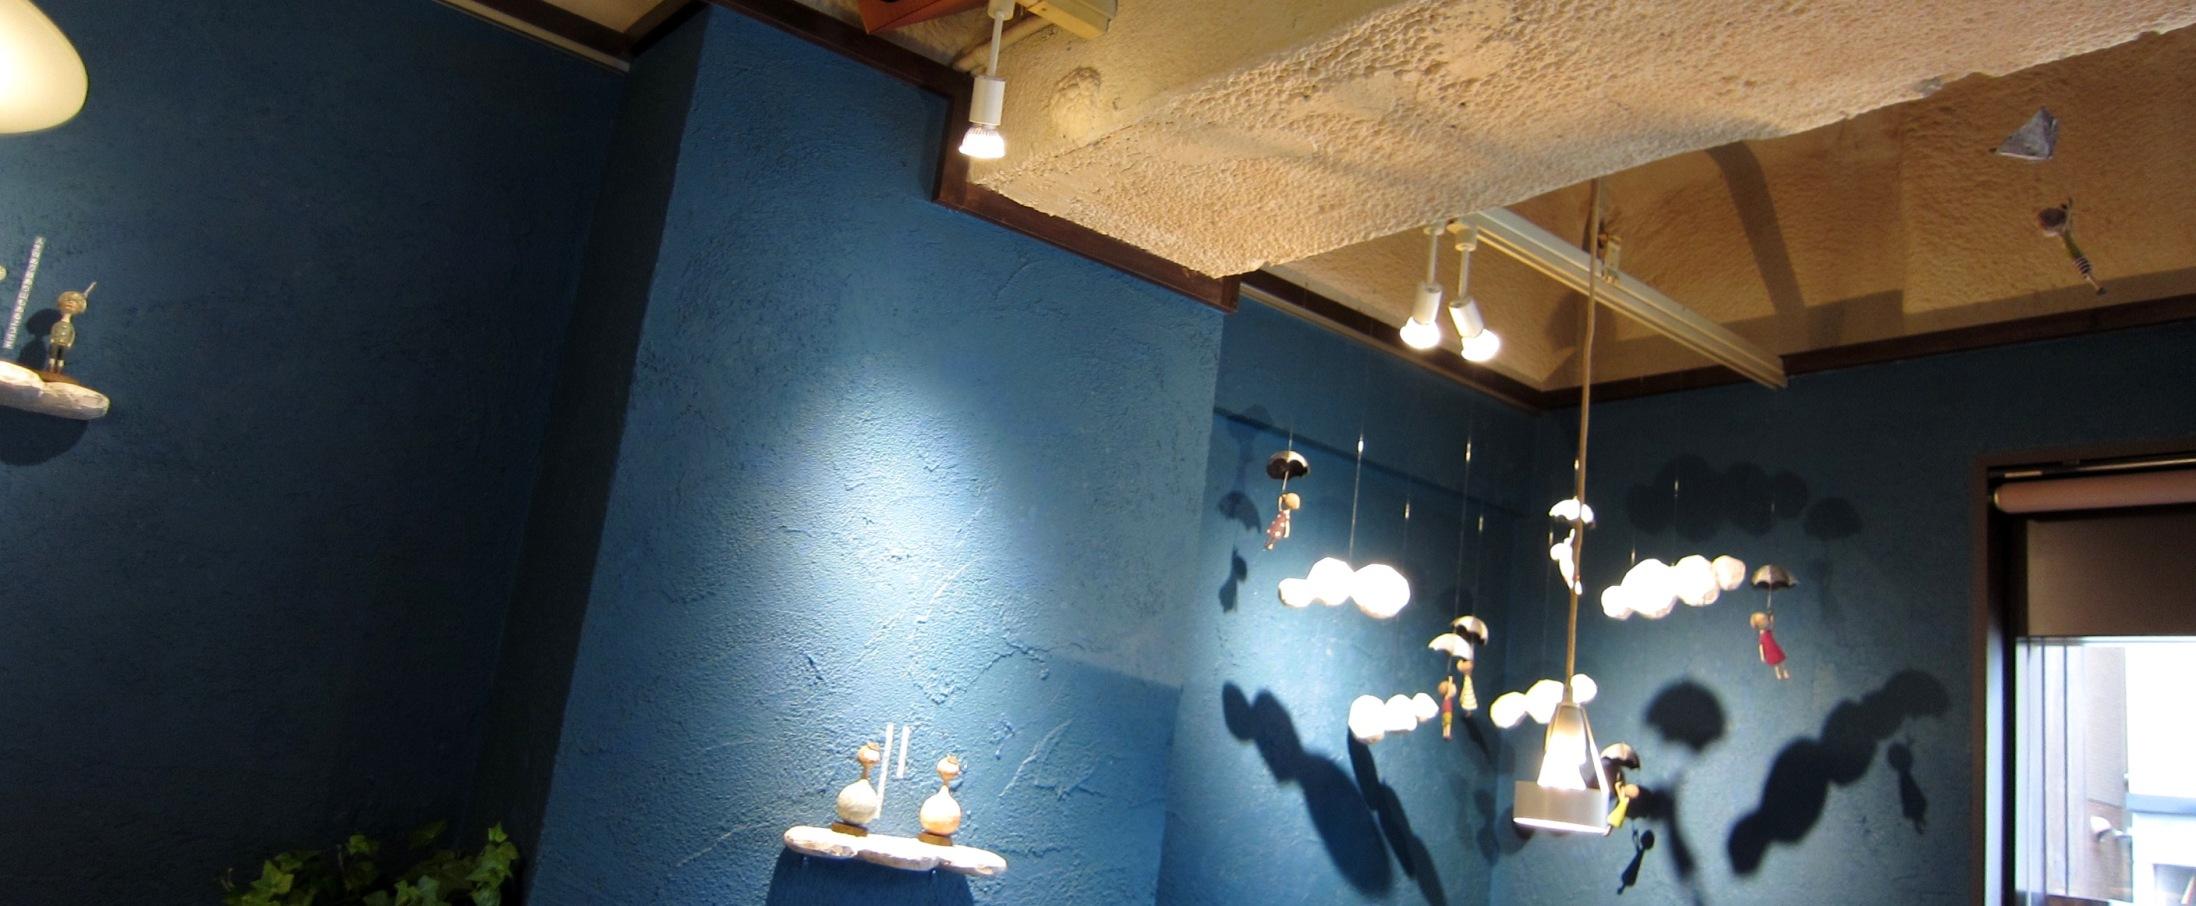 2207)「経塚真代 KEIZUKA MASAYO 造形作品展 『ちいさくて見えない星』」エスキス 9月5日(木)~10月1日(火)_f0126829_10132311.jpg